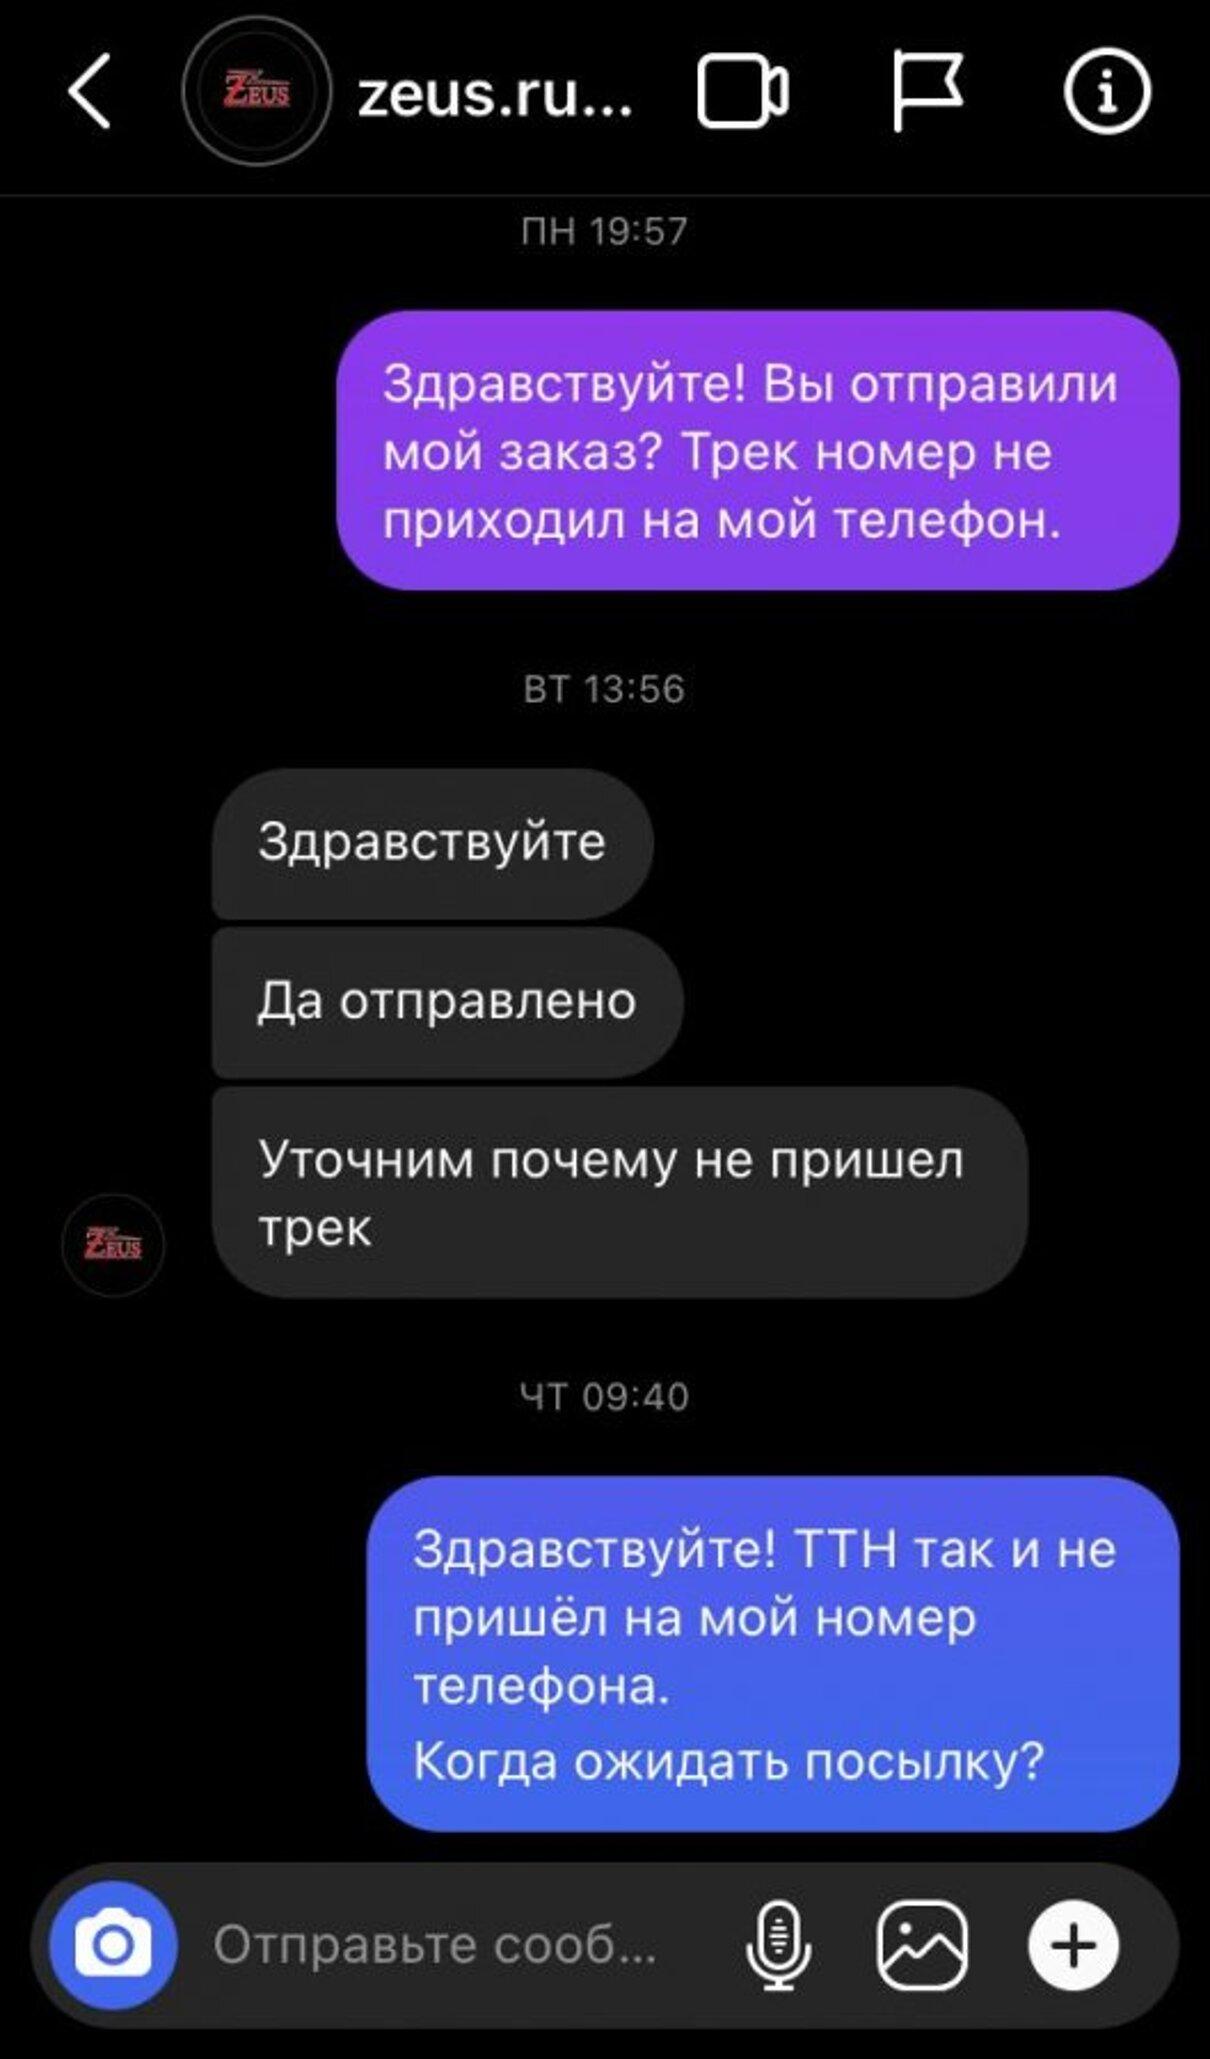 Жалоба-отзыв: Zeus.russia.shop - Мошенники.  Фото №5